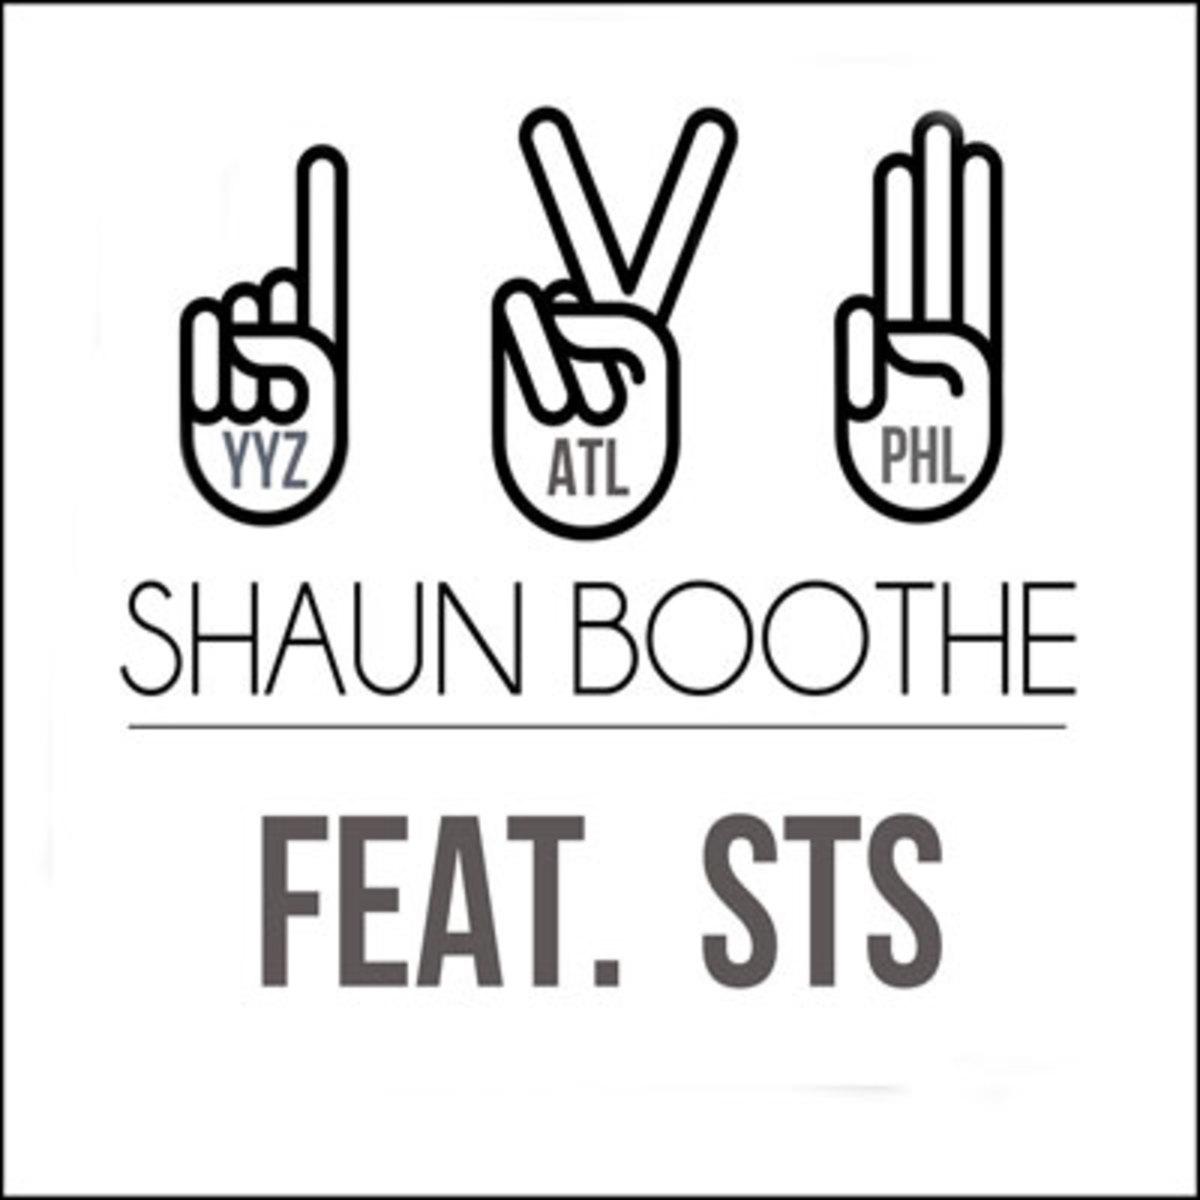 shaunboothe-123.jpg